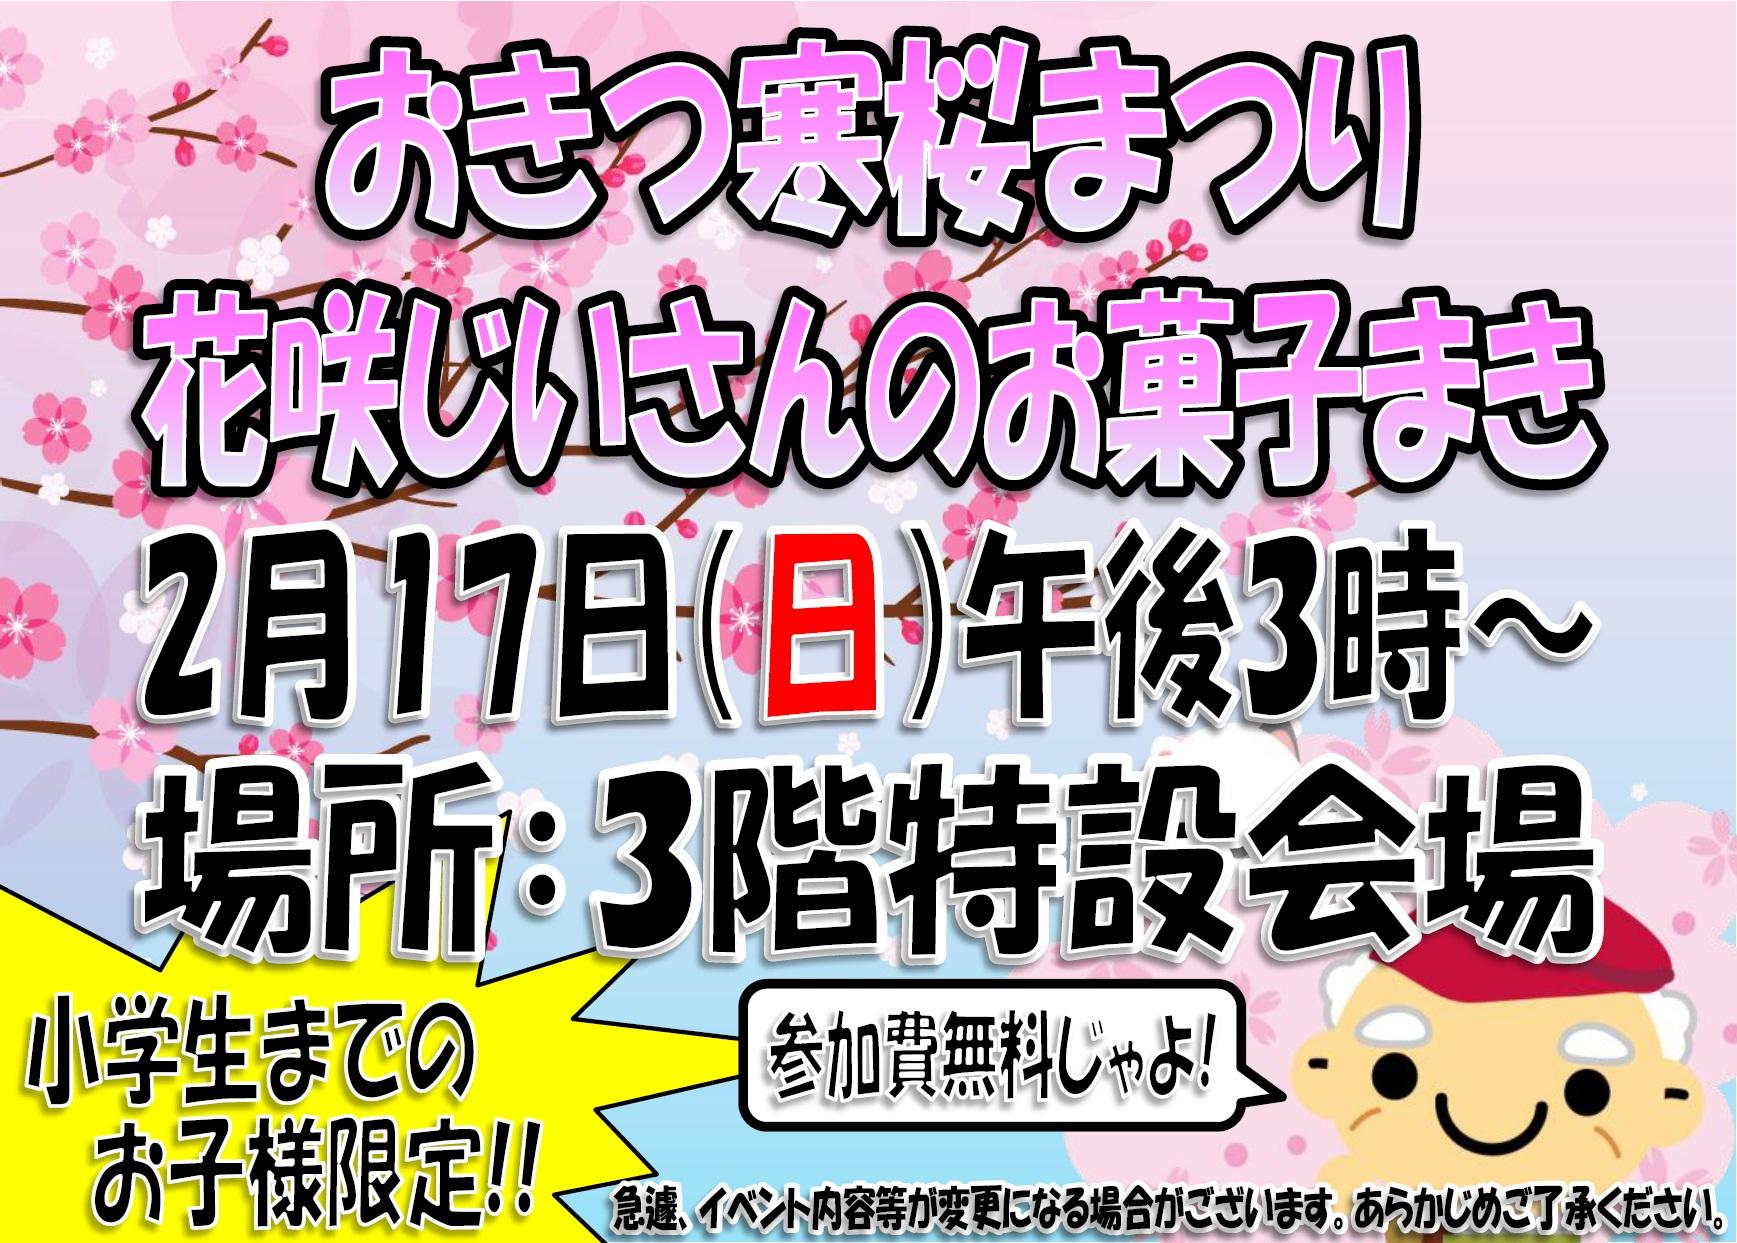 ☆お子様イベント【おきつ寒桜まつり・花咲じいさんのお菓子まき】☆